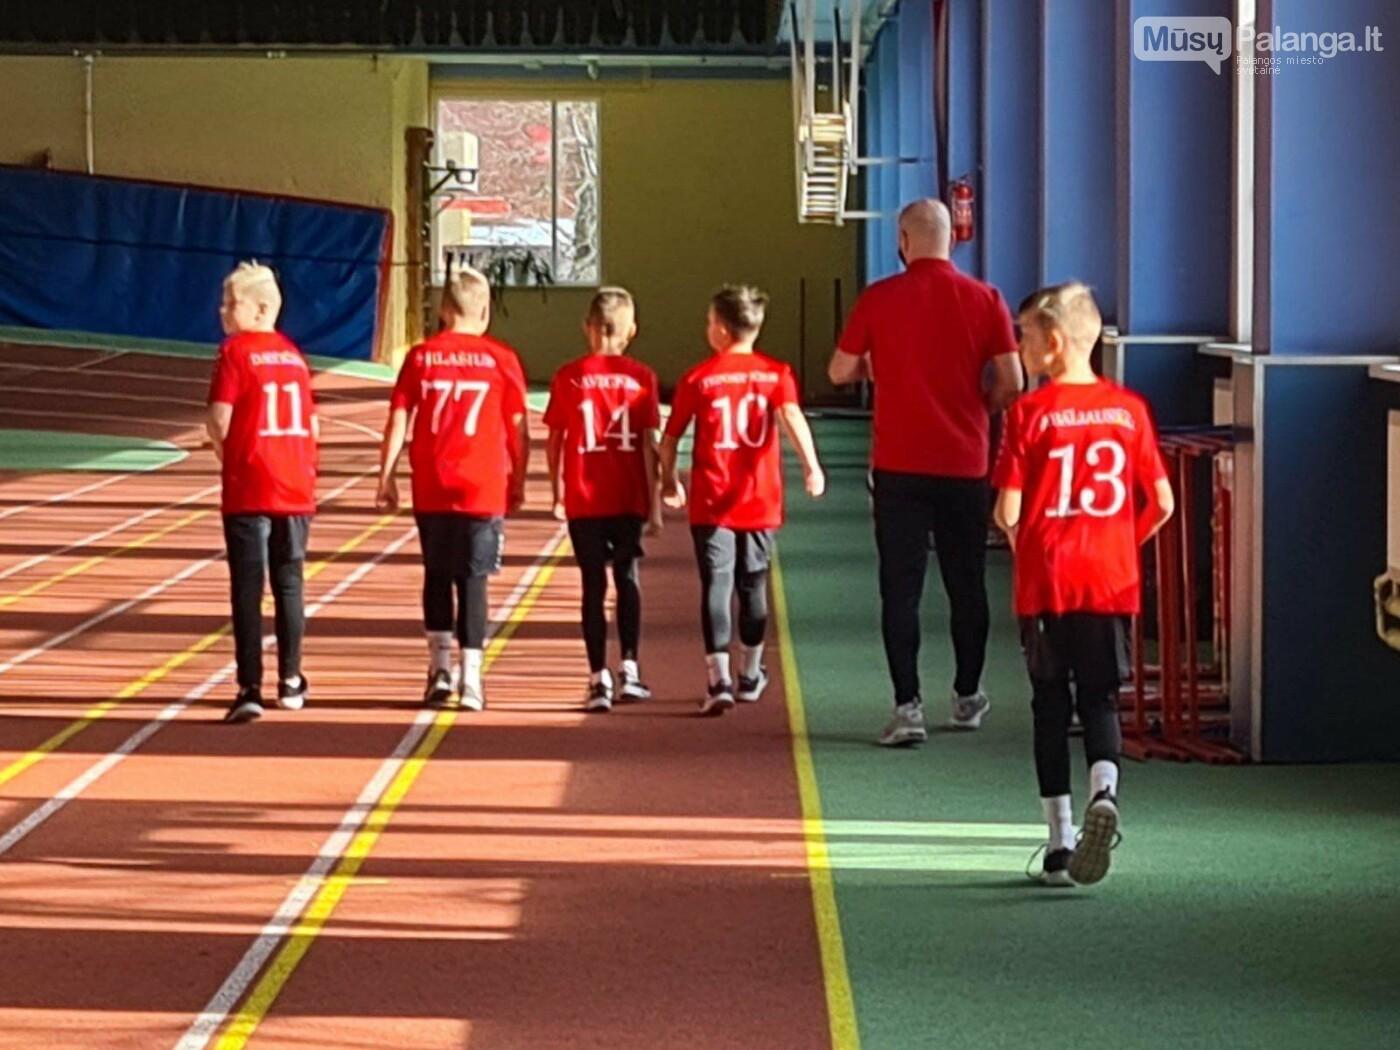 """Futbolo akademija """"Gintaras"""" pradeda bendradarbiavimą ir partnerystę su """"Dubey kineziterapija ir sportas"""" organizacija, nuotrauka-3"""